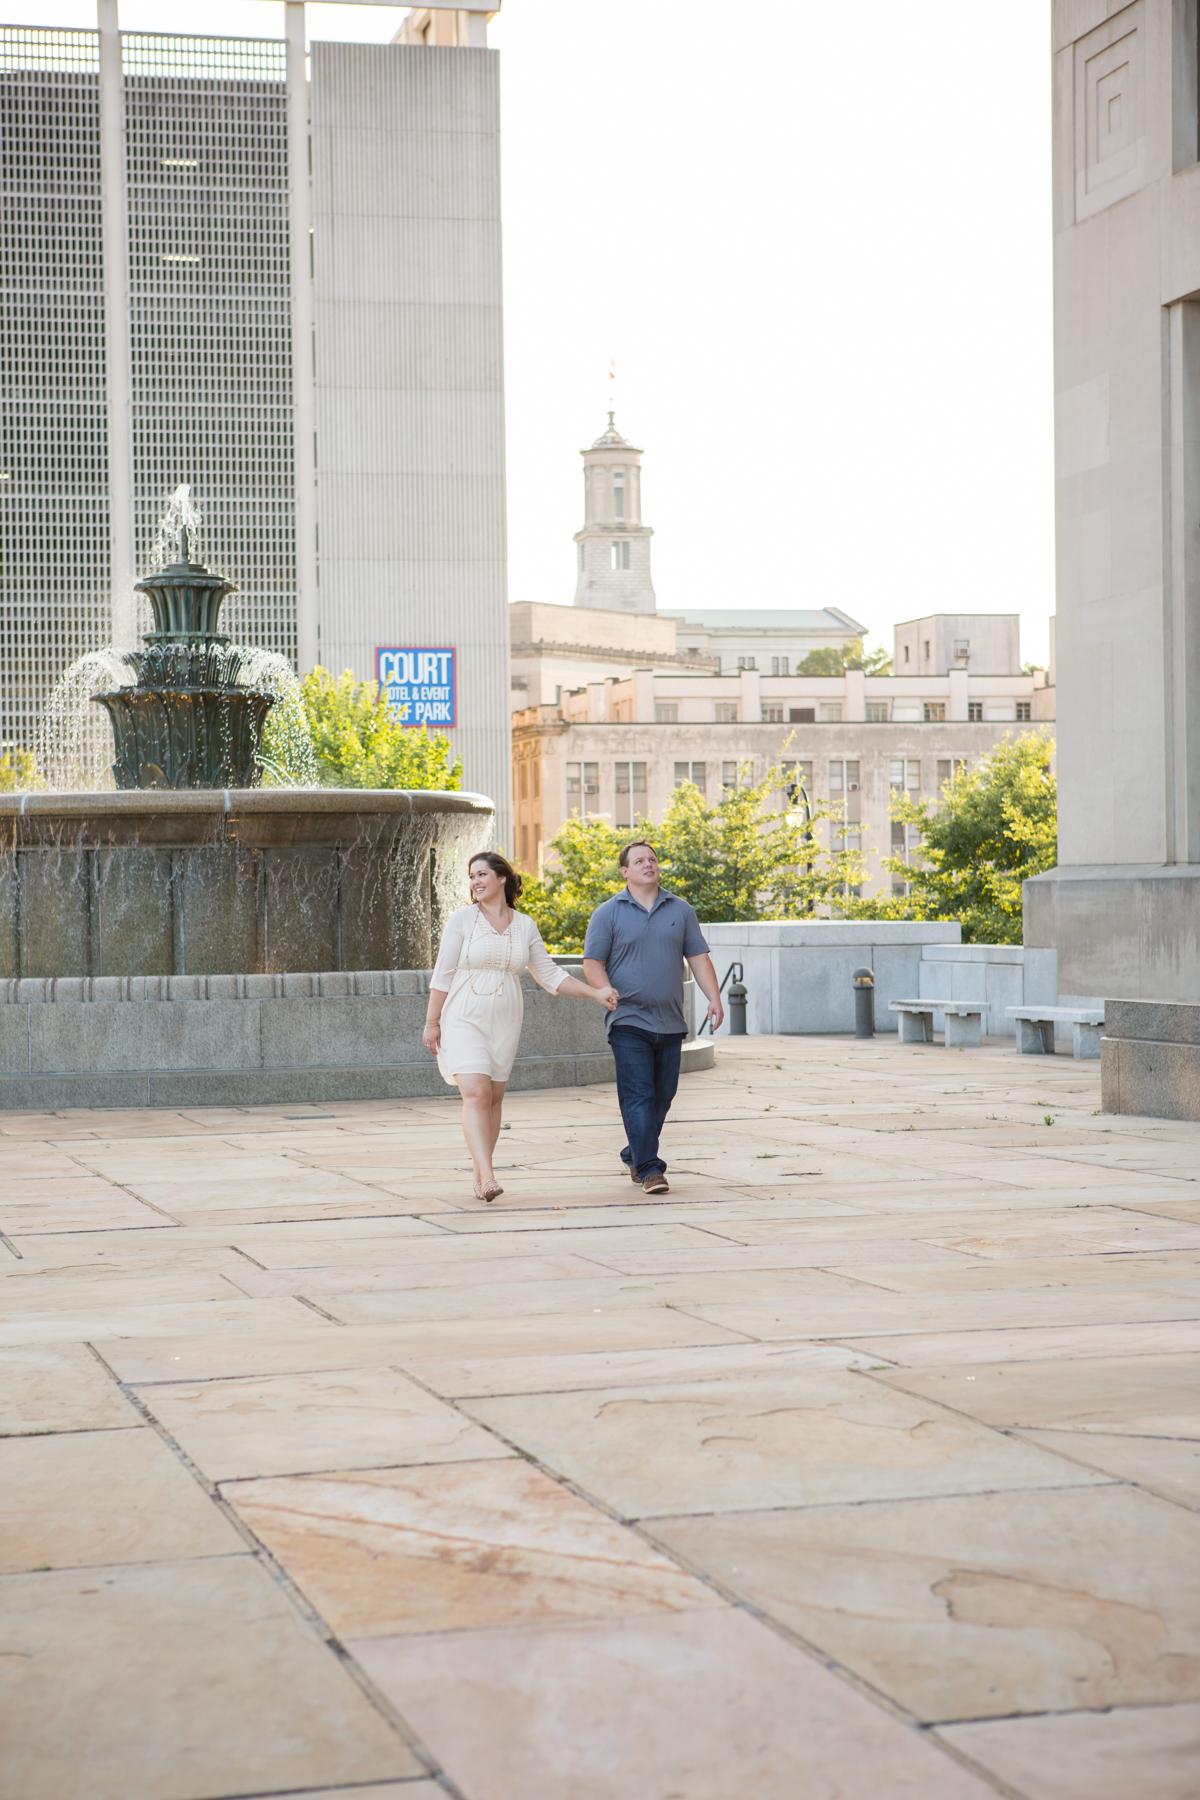 Nashville Courthouse Engagement